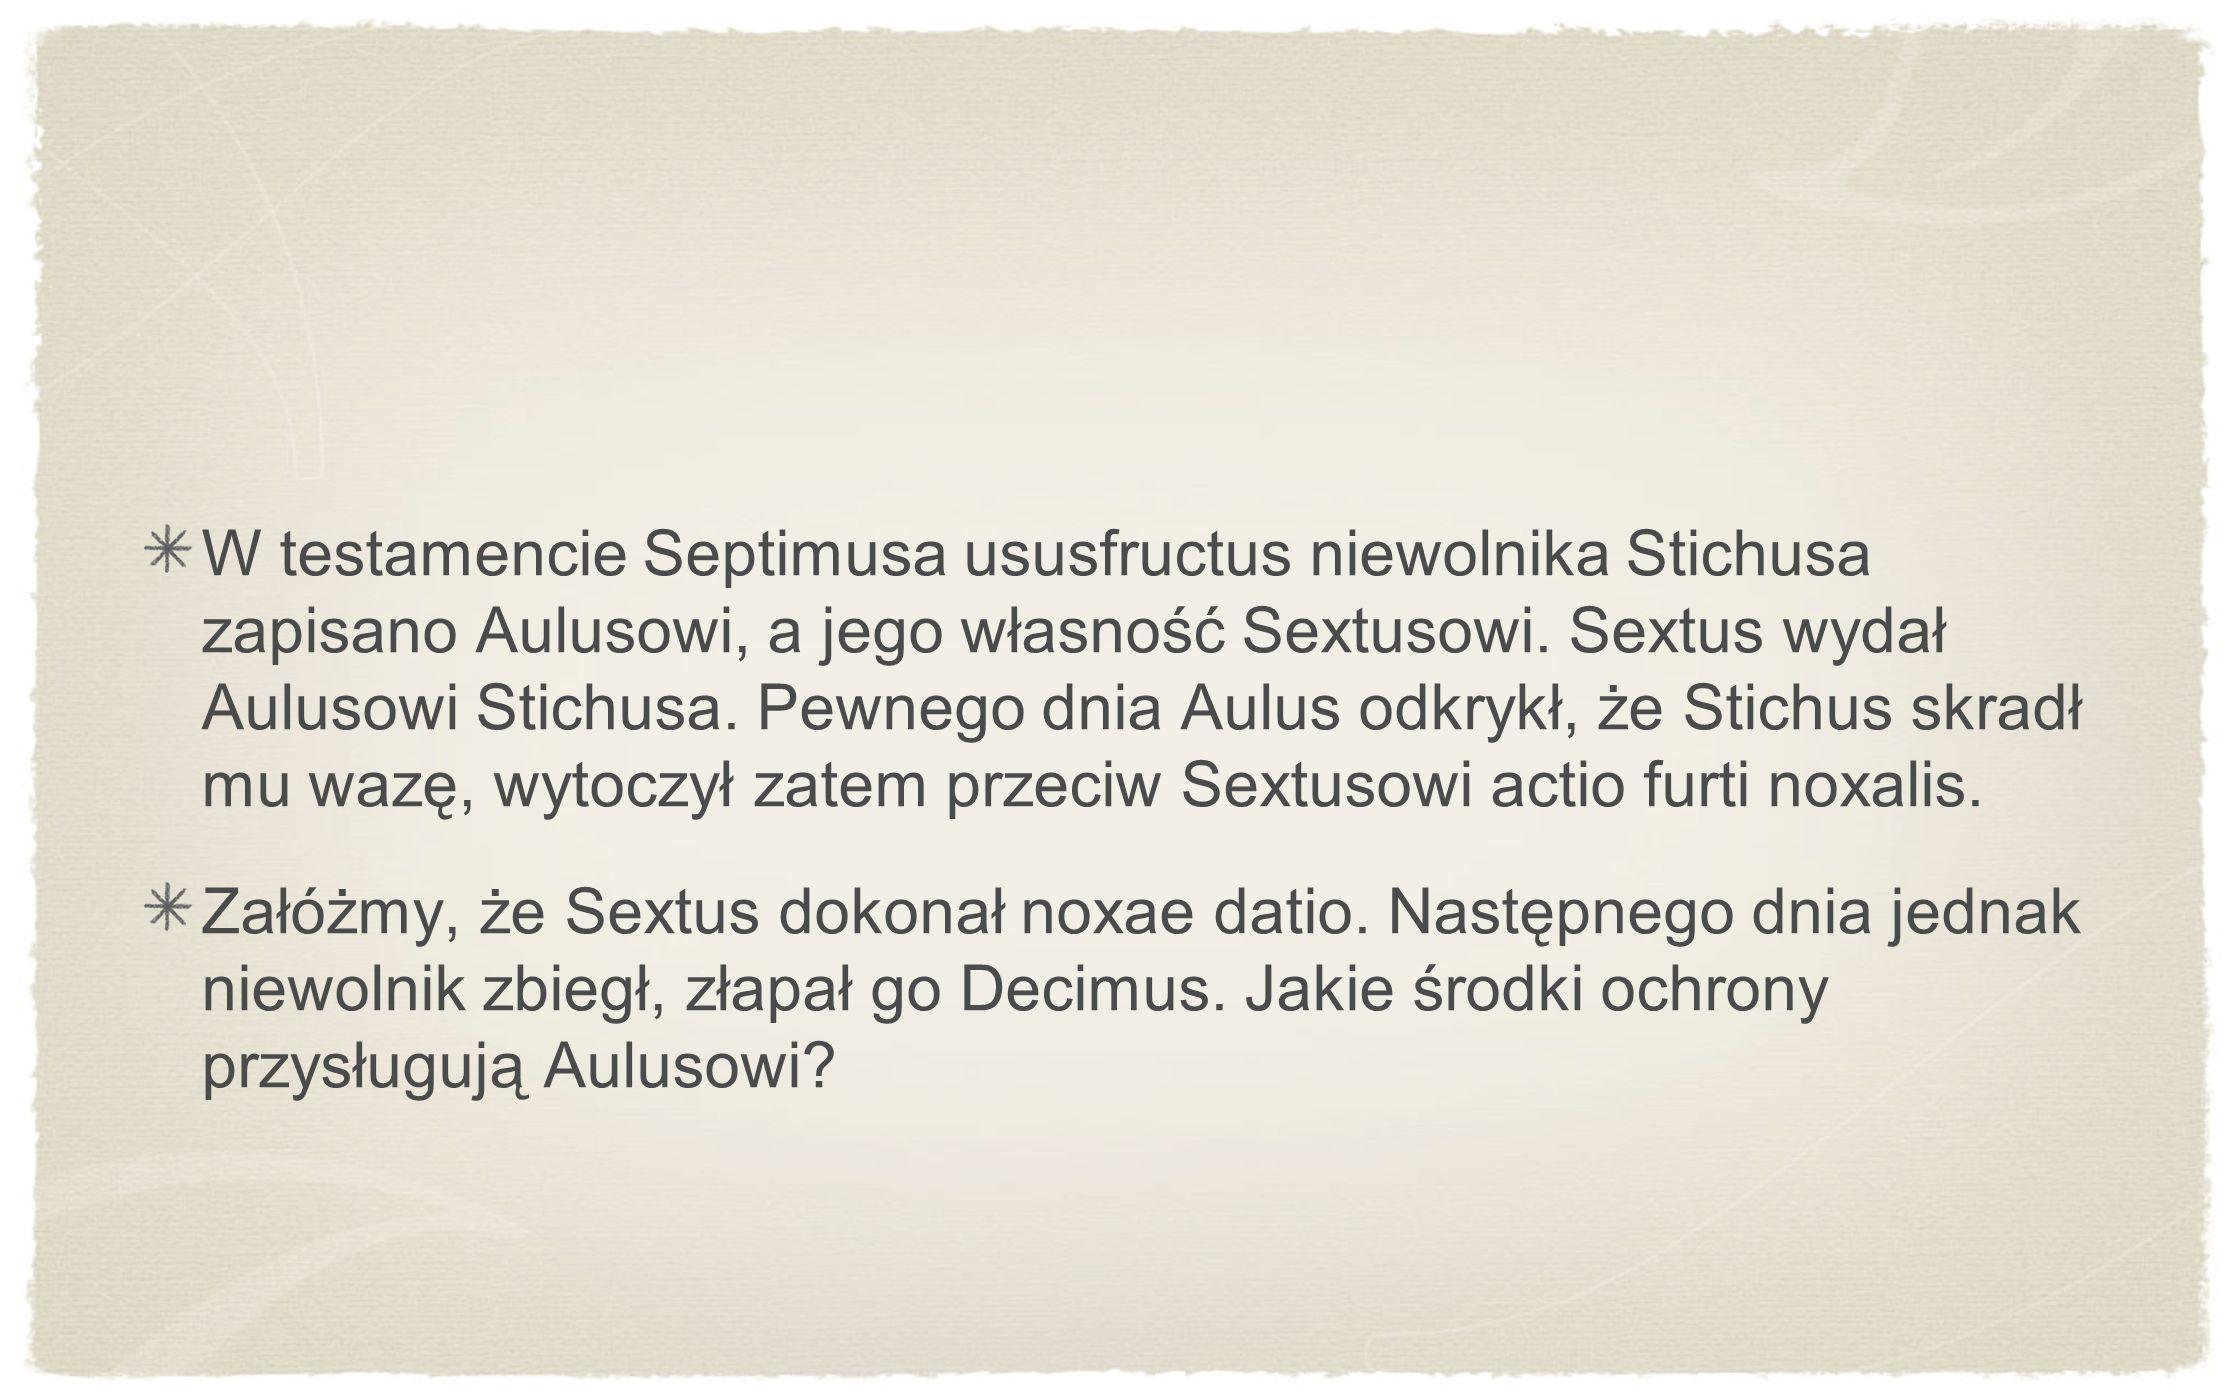 W testamencie Septimusa ususfructus niewolnika Stichusa zapisano Aulusowi, a jego własność Sextusowi. Sextus wydał Aulusowi Stichusa. Pewnego dnia Aul